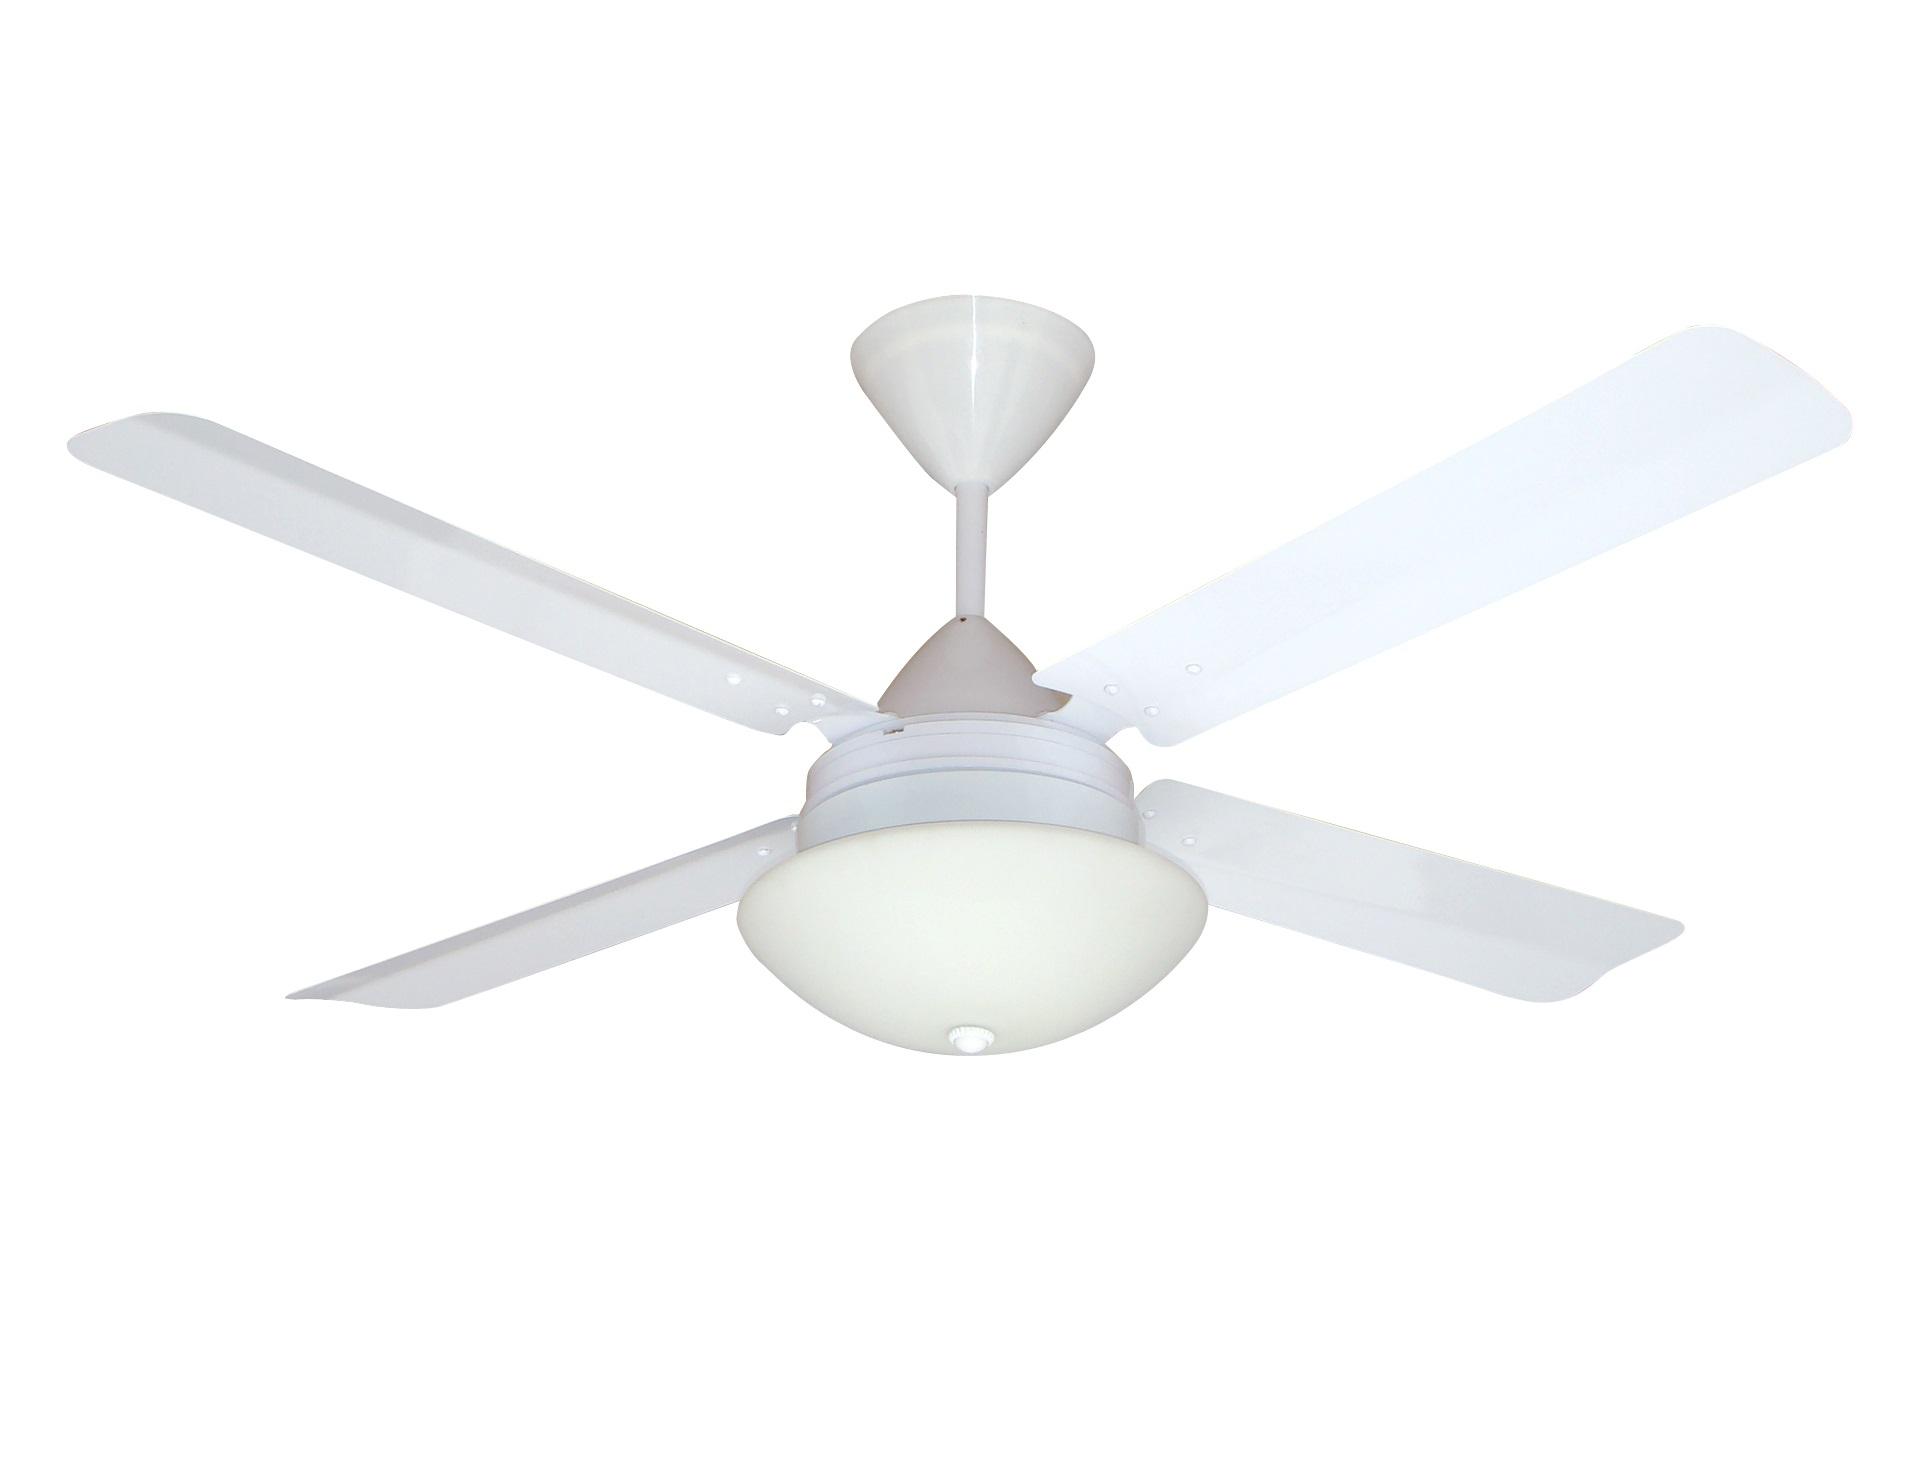 kichler ceiling black best sbk fans fresh blade fan ceilings in single satin rana of